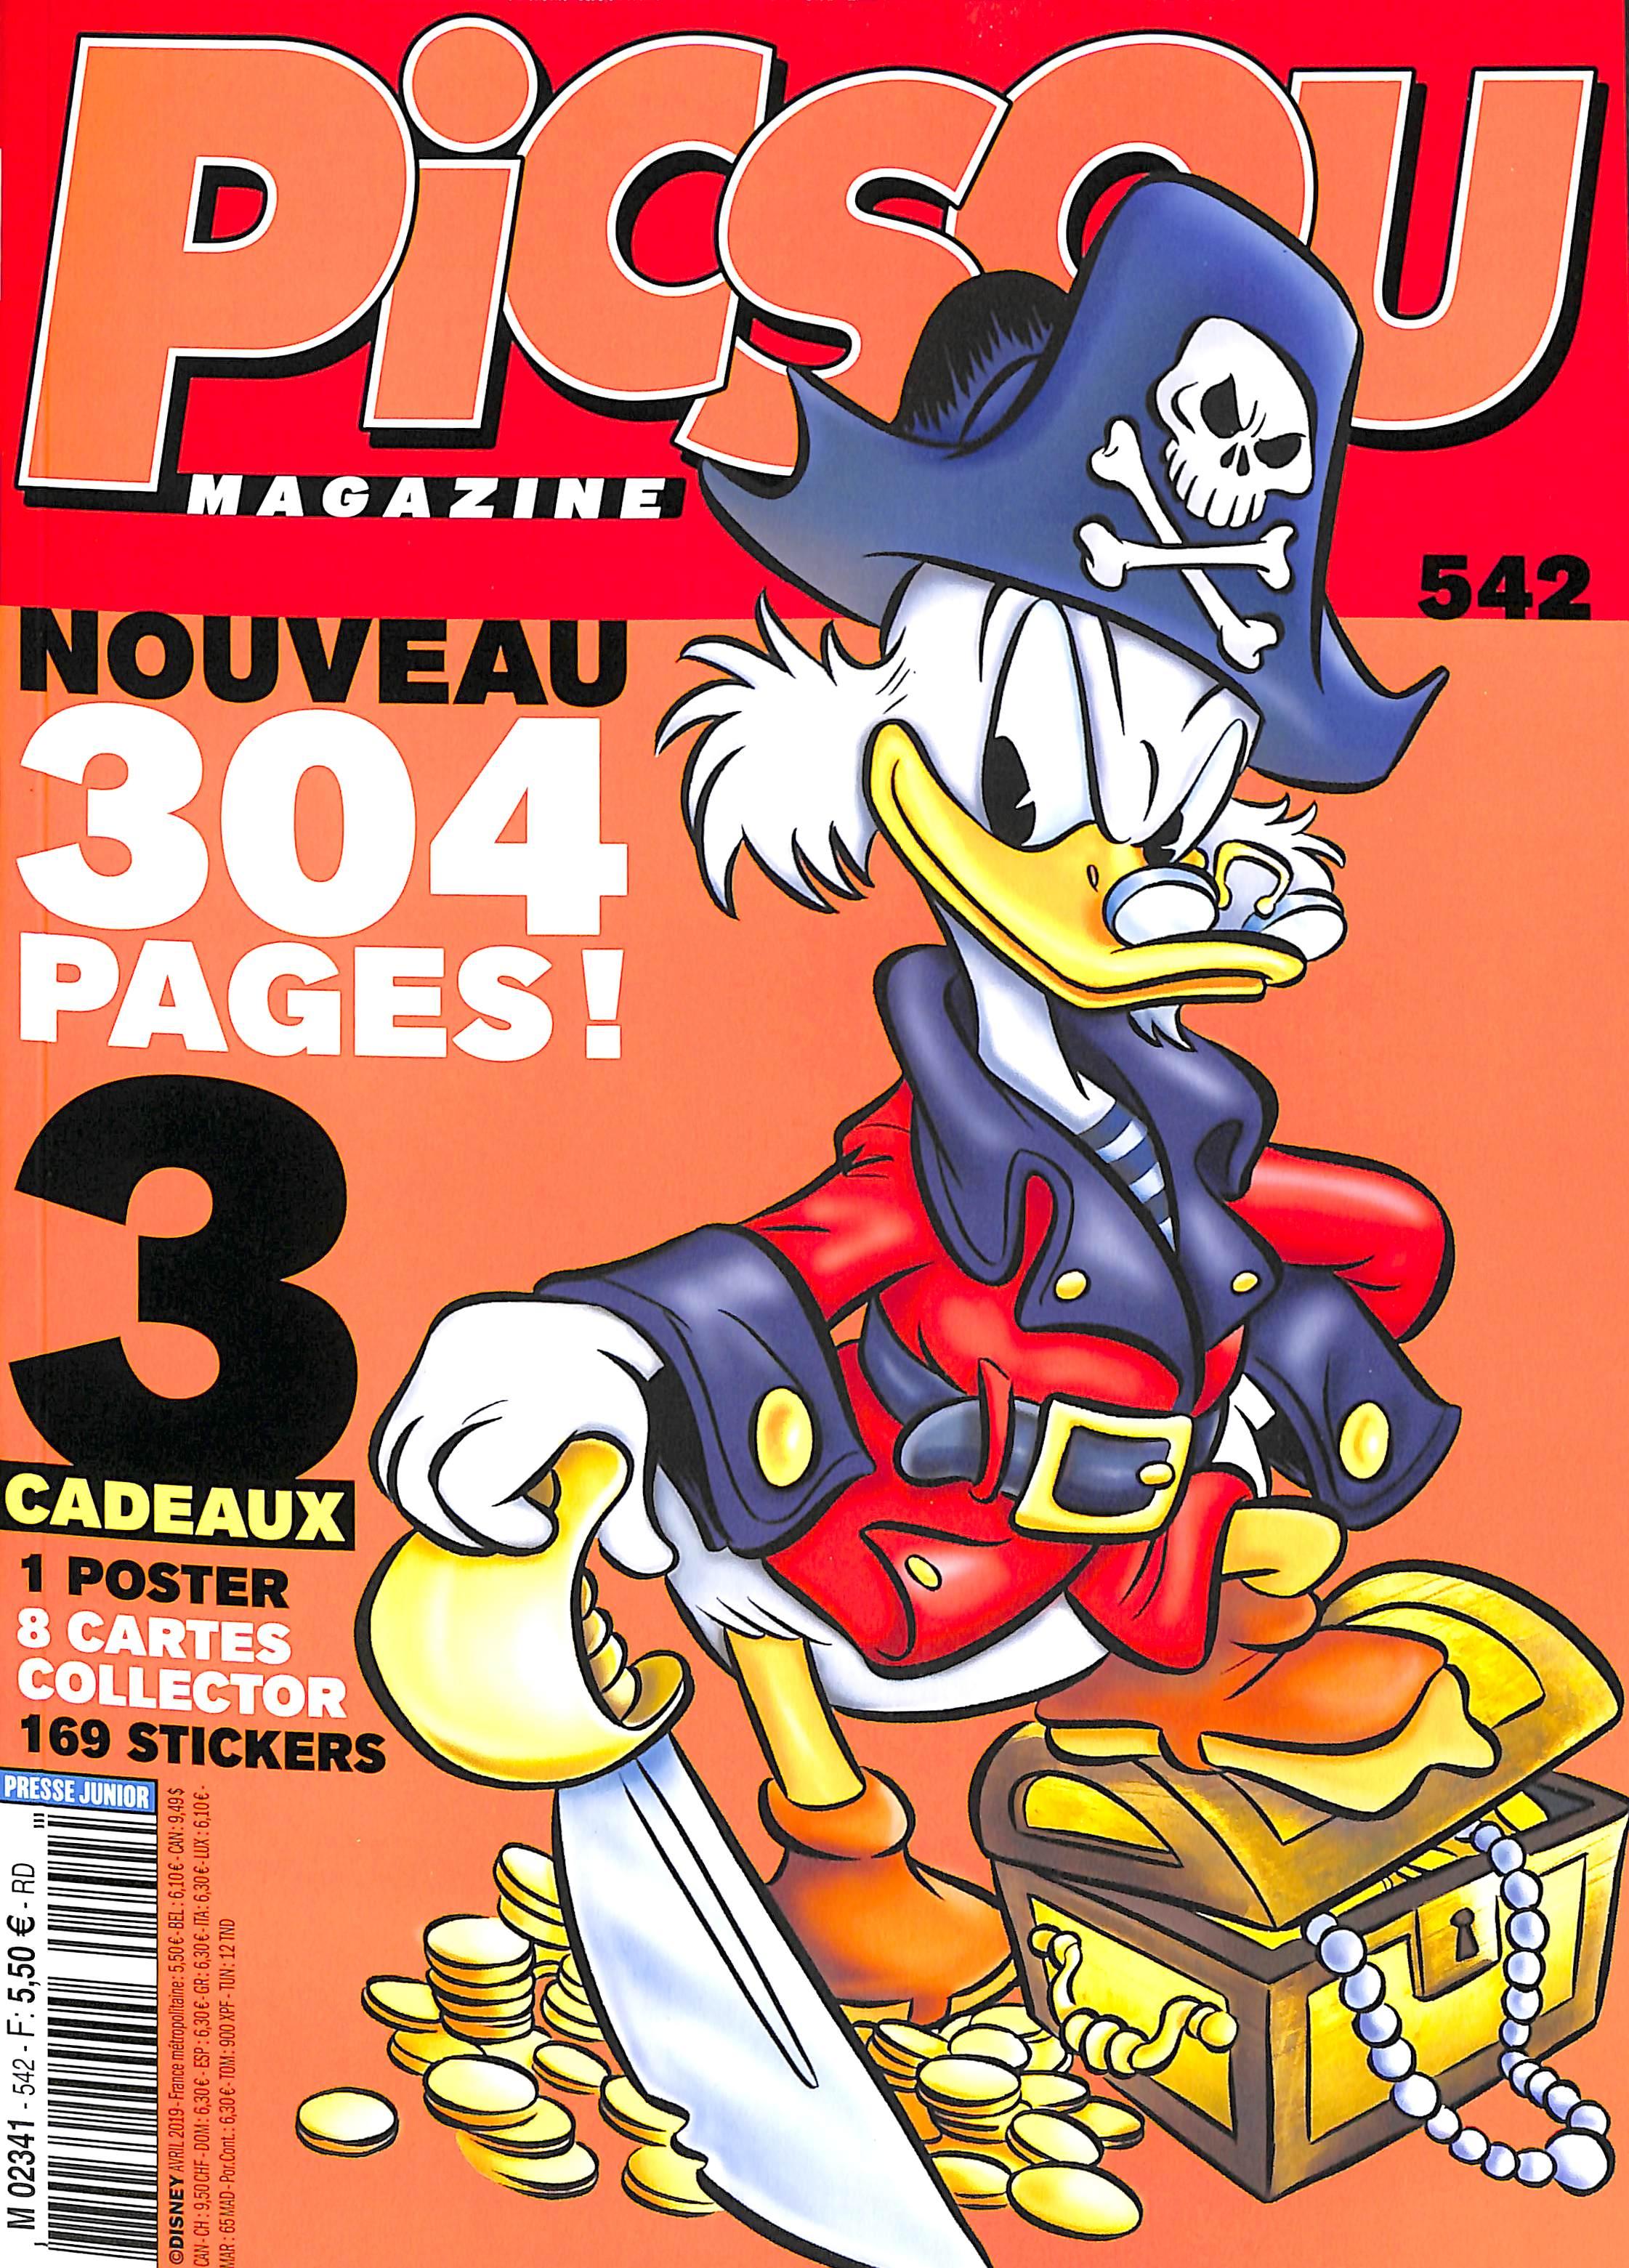 Picsou Magazine 542